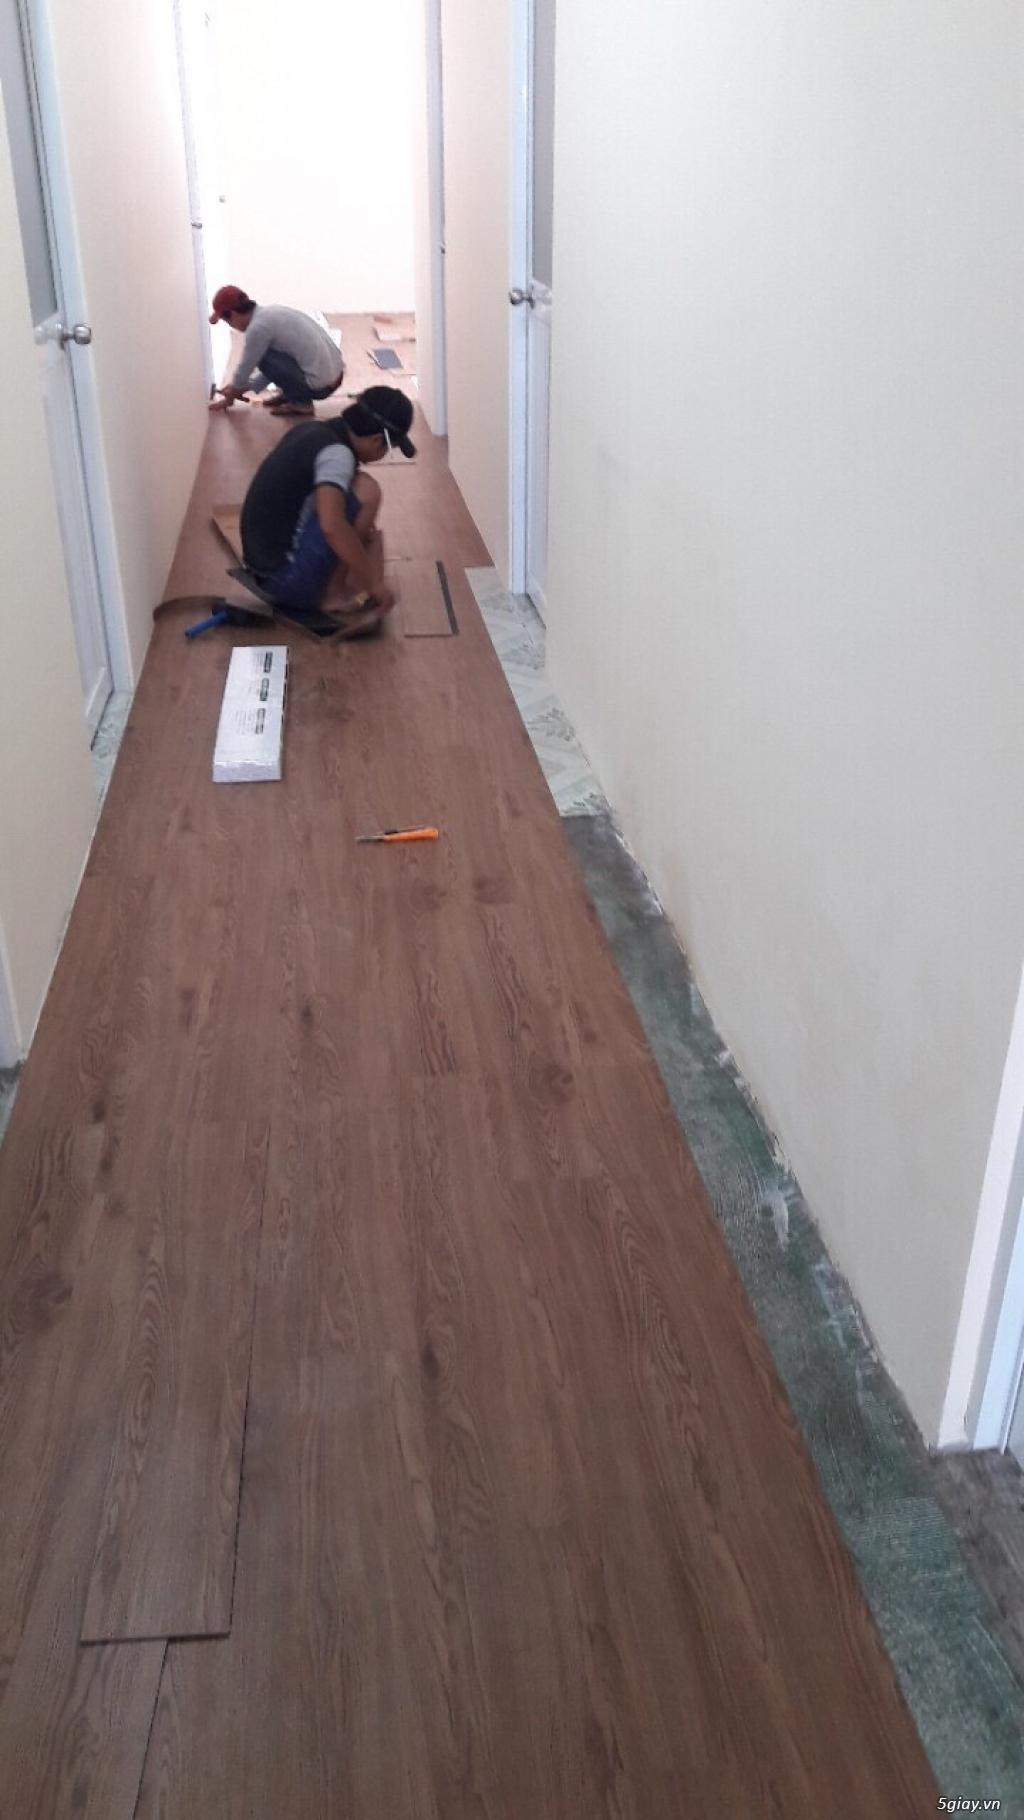 Cung cấp, thi công sàn gỗ tốt nhất hiện nay - 13